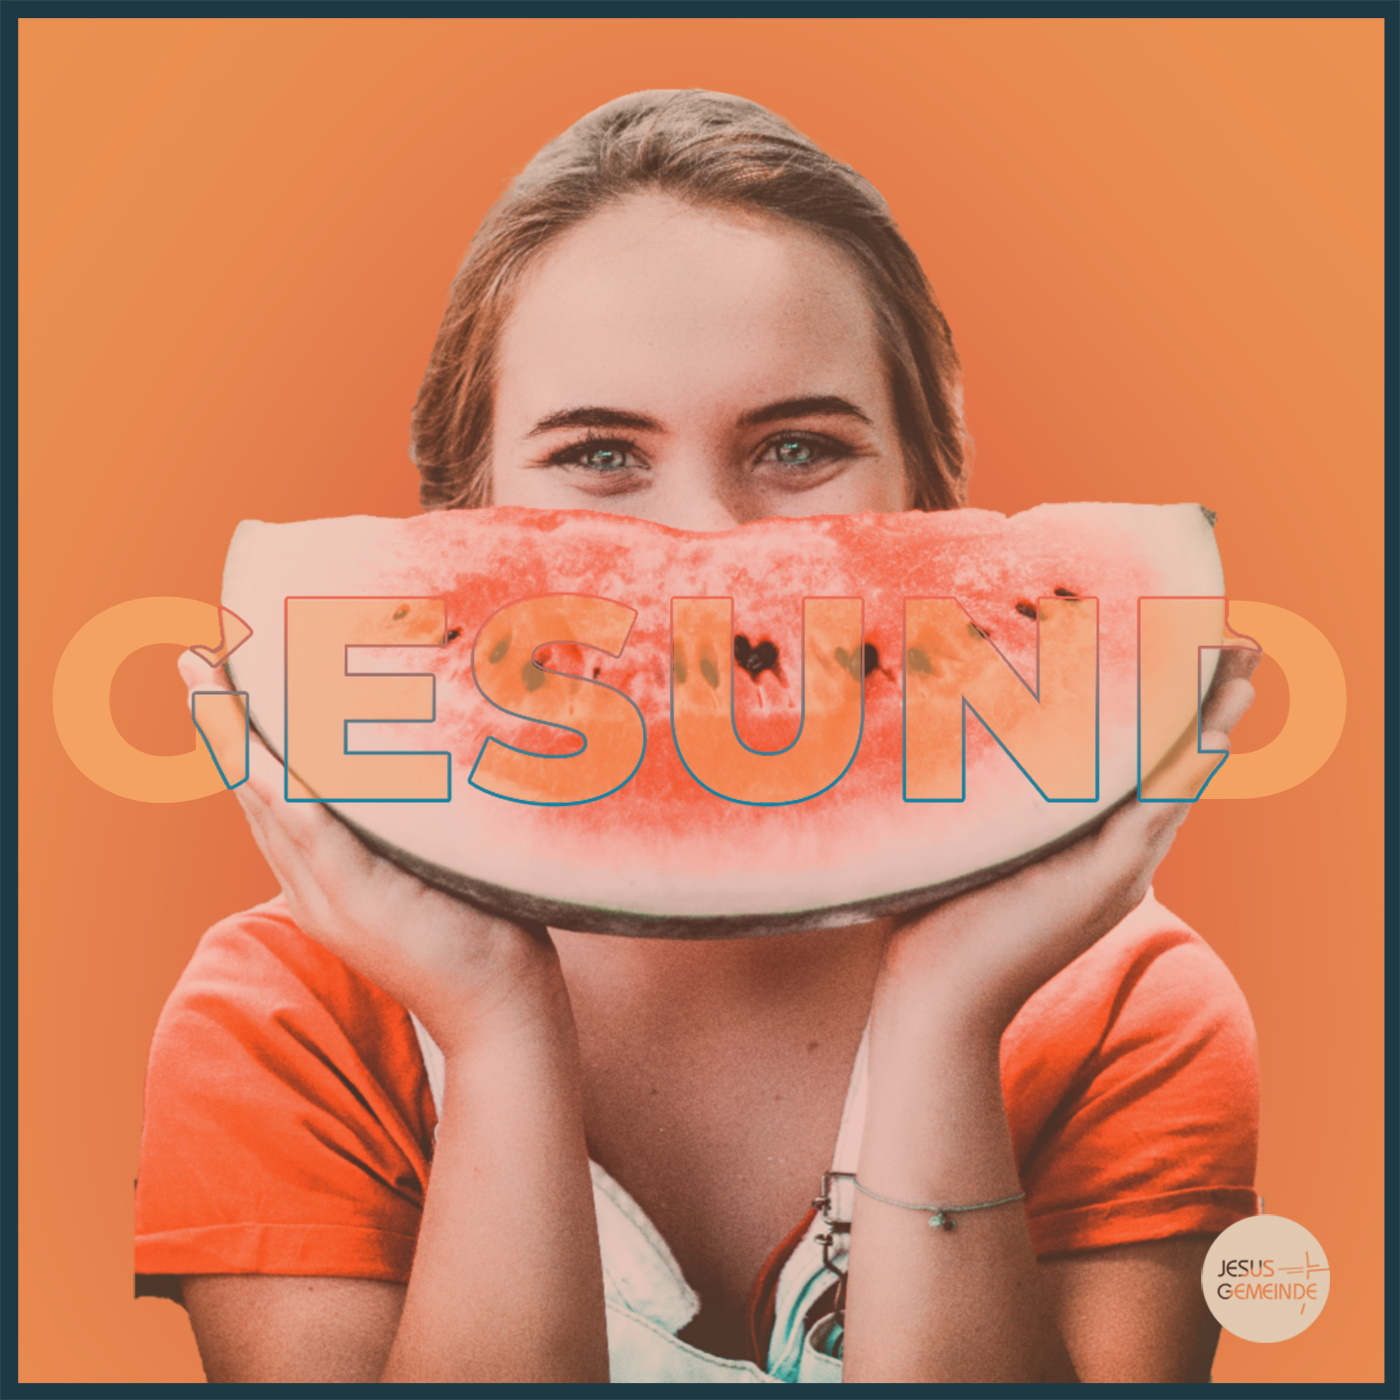 Gesund - 3 Aspekte gesunden christlichen Lebens [video]